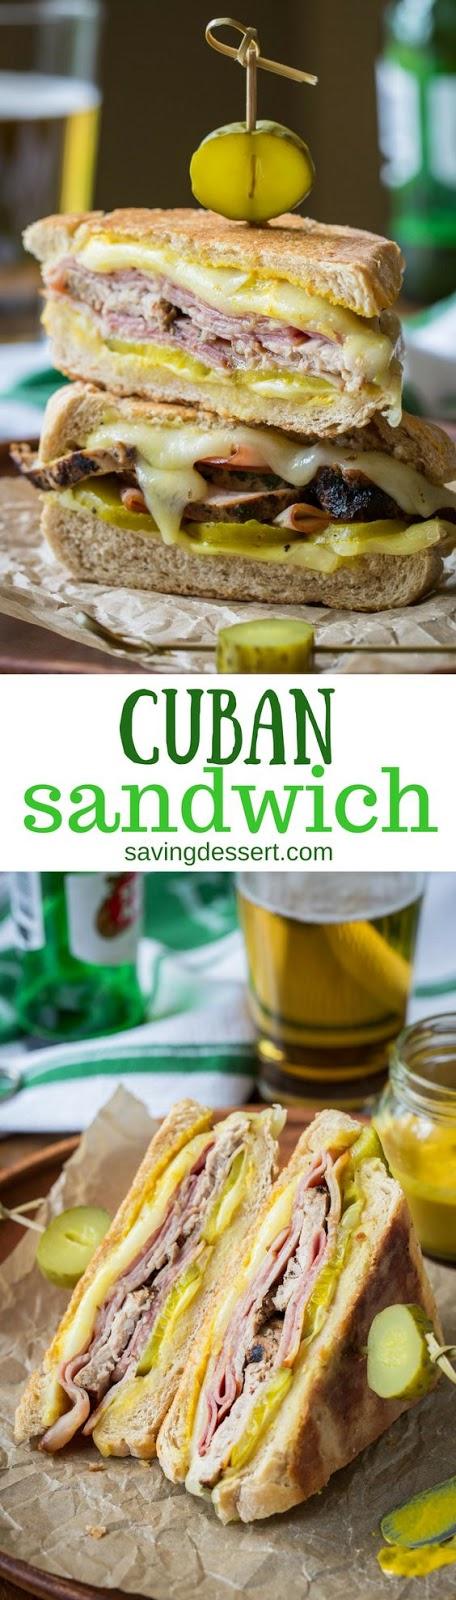 Cuban Sandwích Recípe